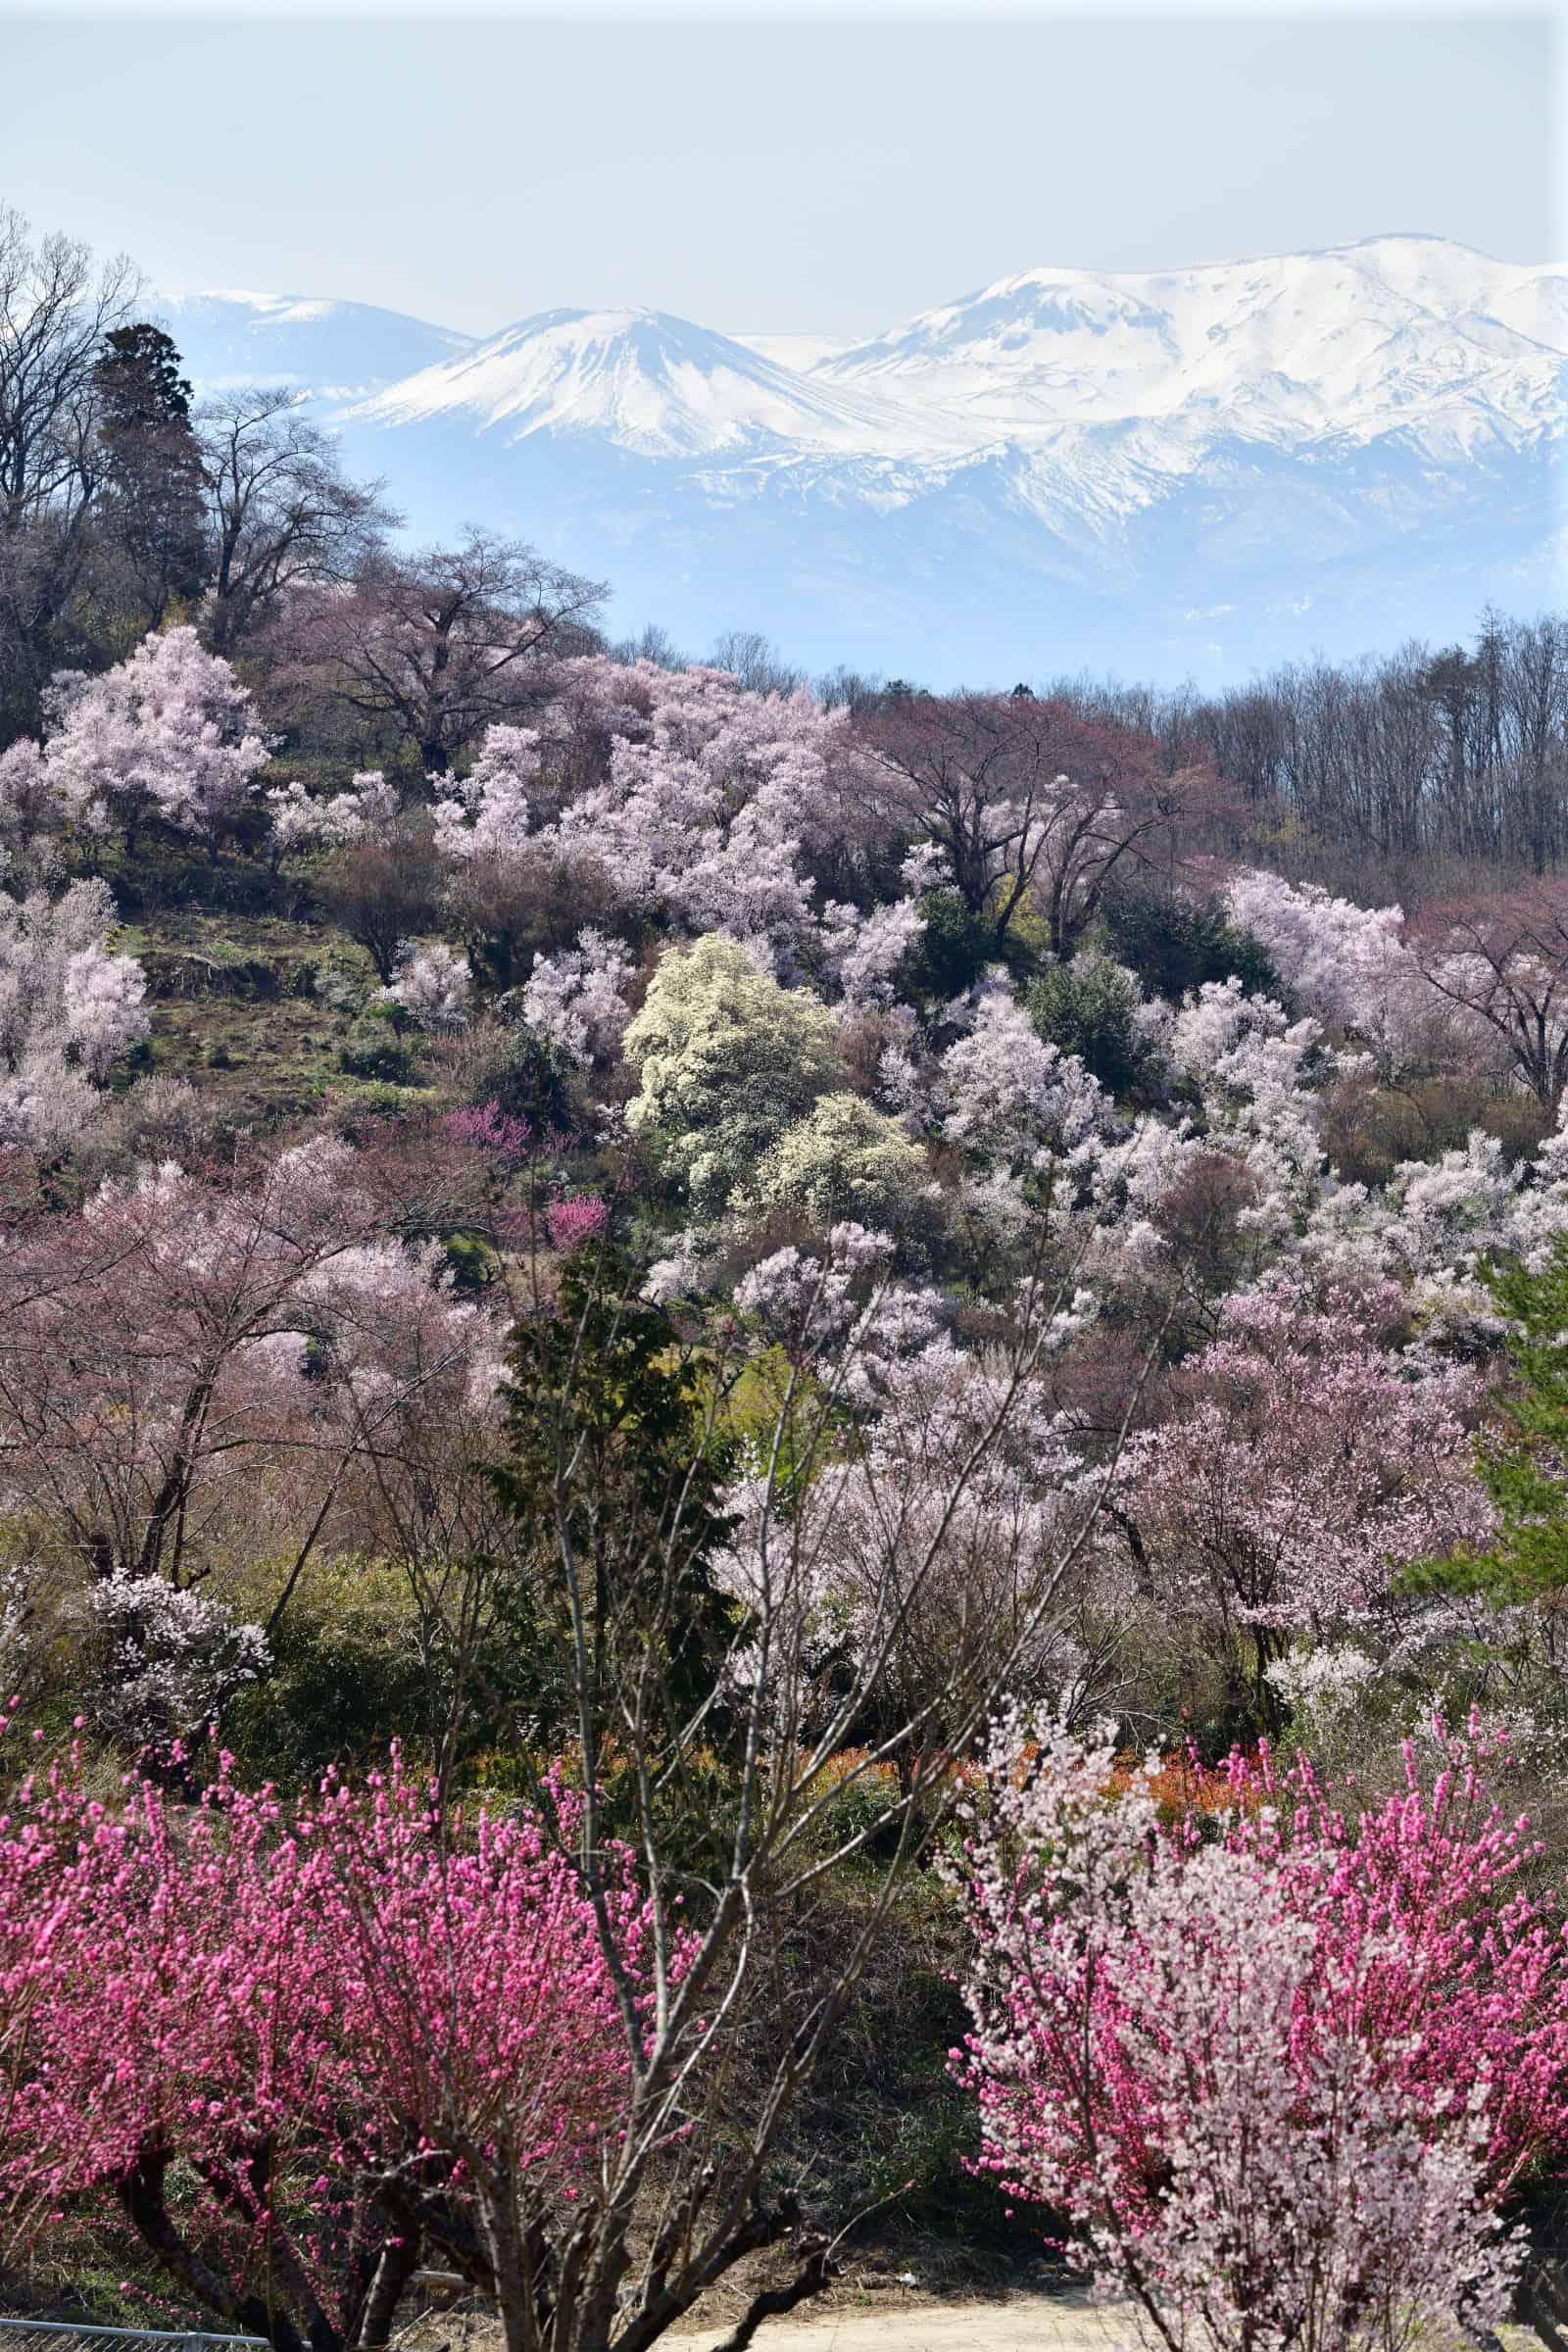 บรรยากาศของฤดูใบไม้ผลิที่สวนฮานามิยามะ (Hanamiyama Park)